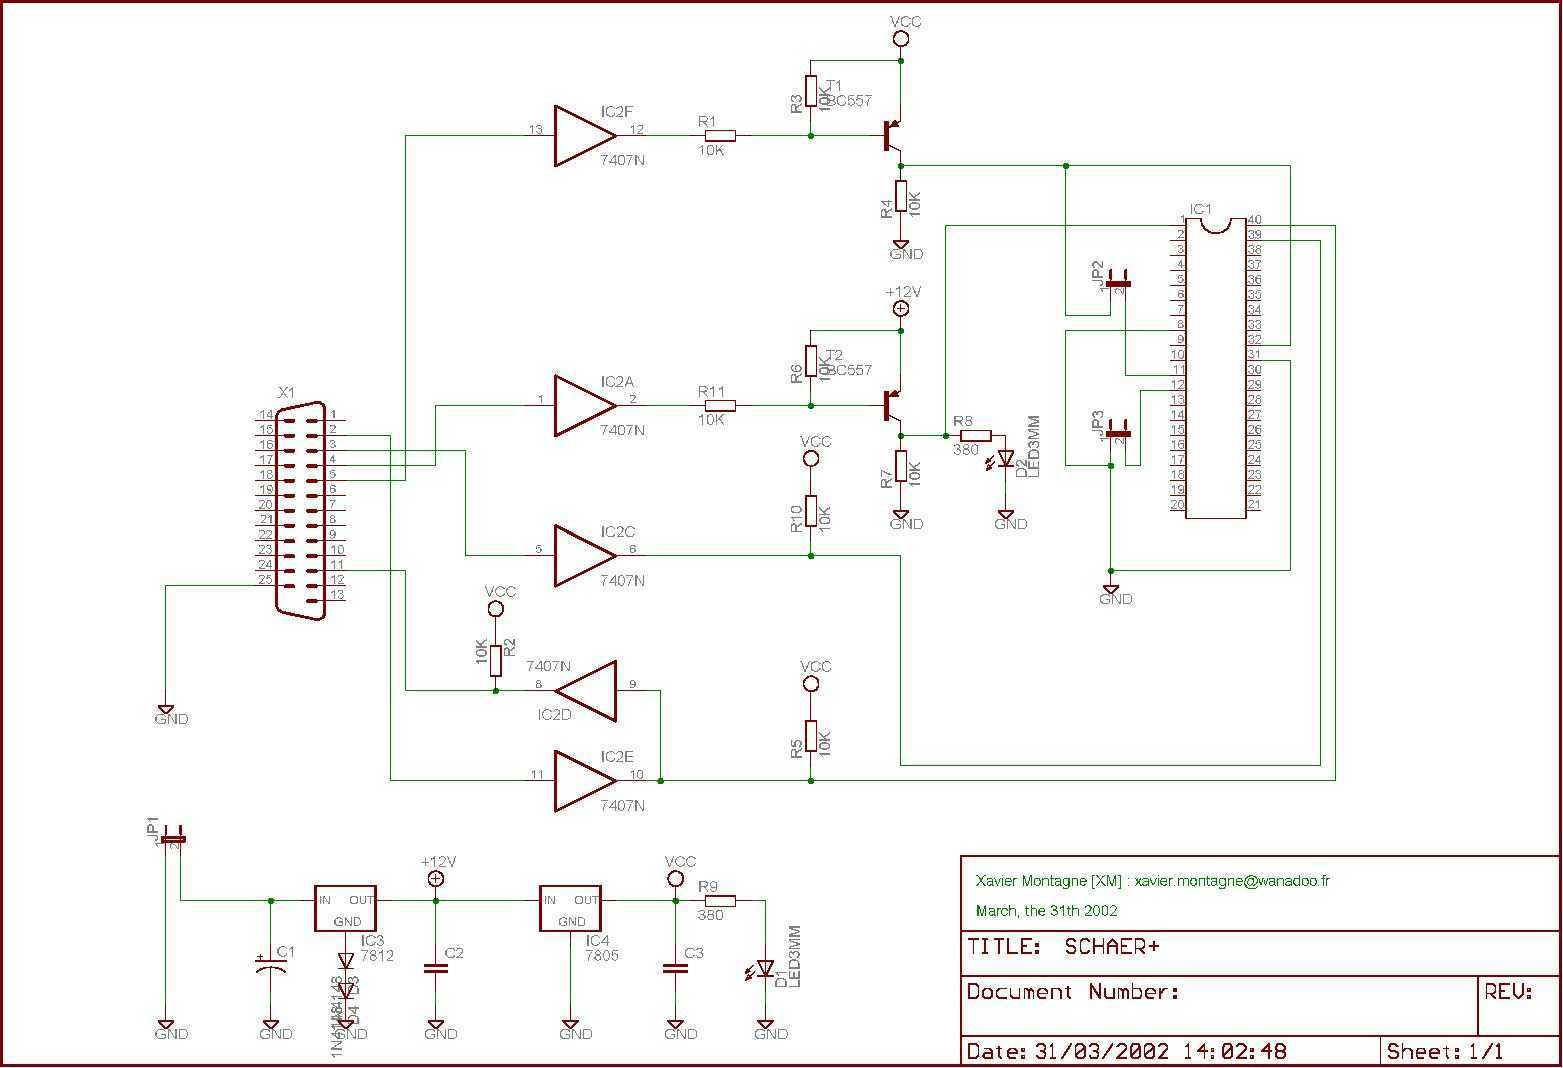 PIC18 programmer - schematic